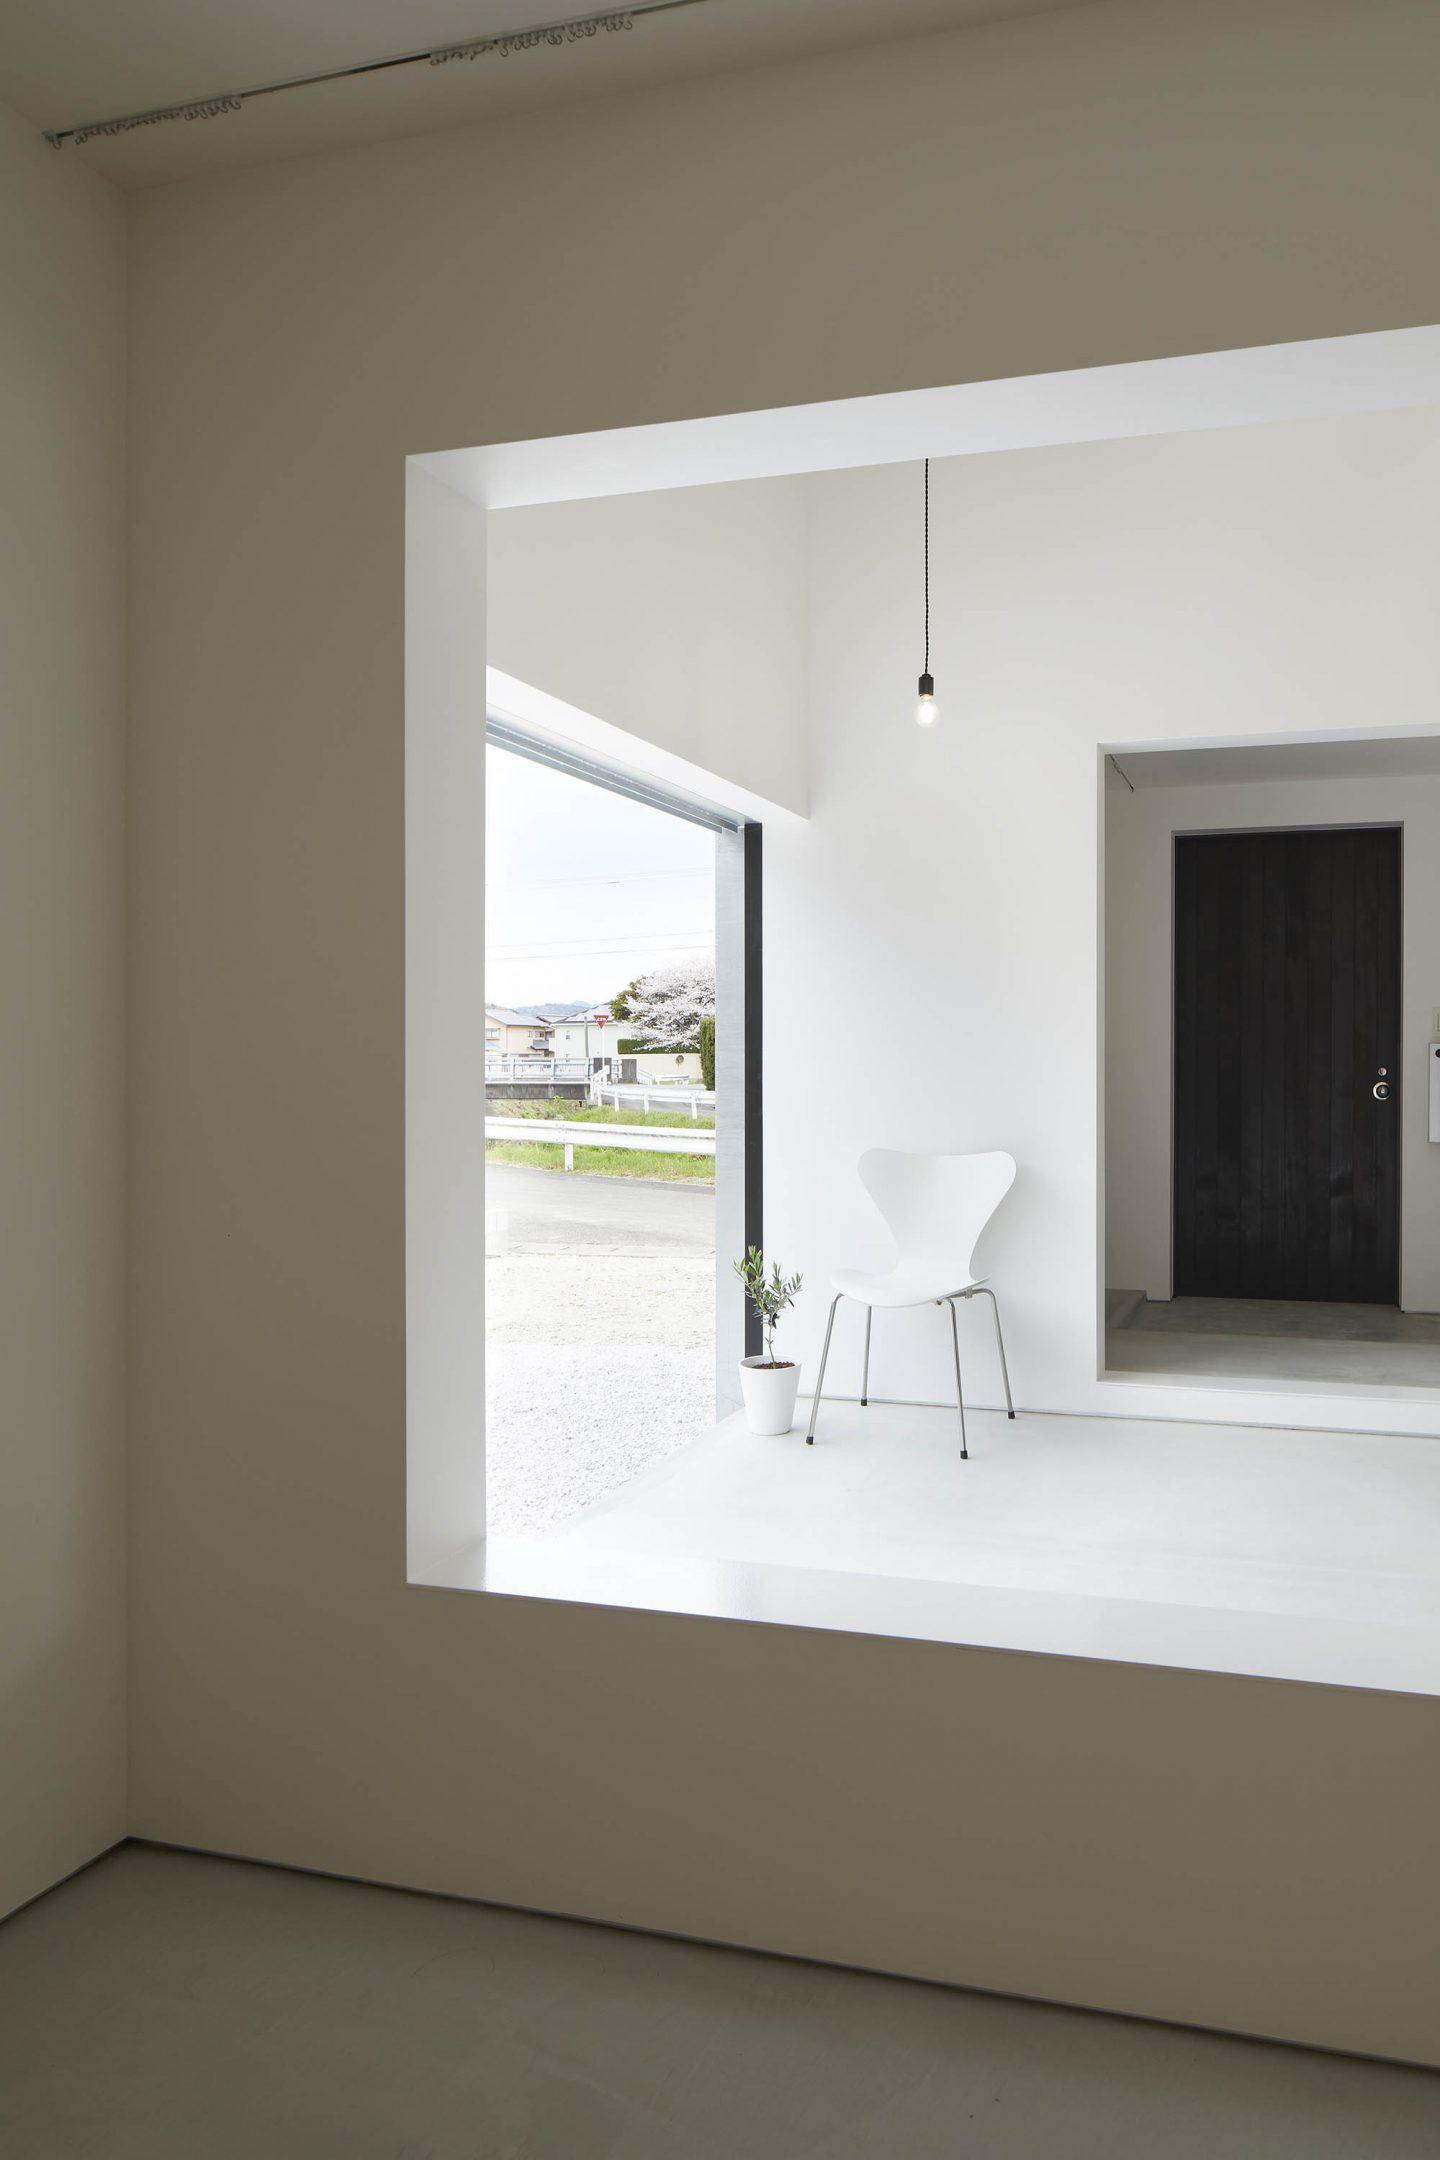 IGNANT-Architecture-Kento-Eto-Atelier-Kadokawas-House-20